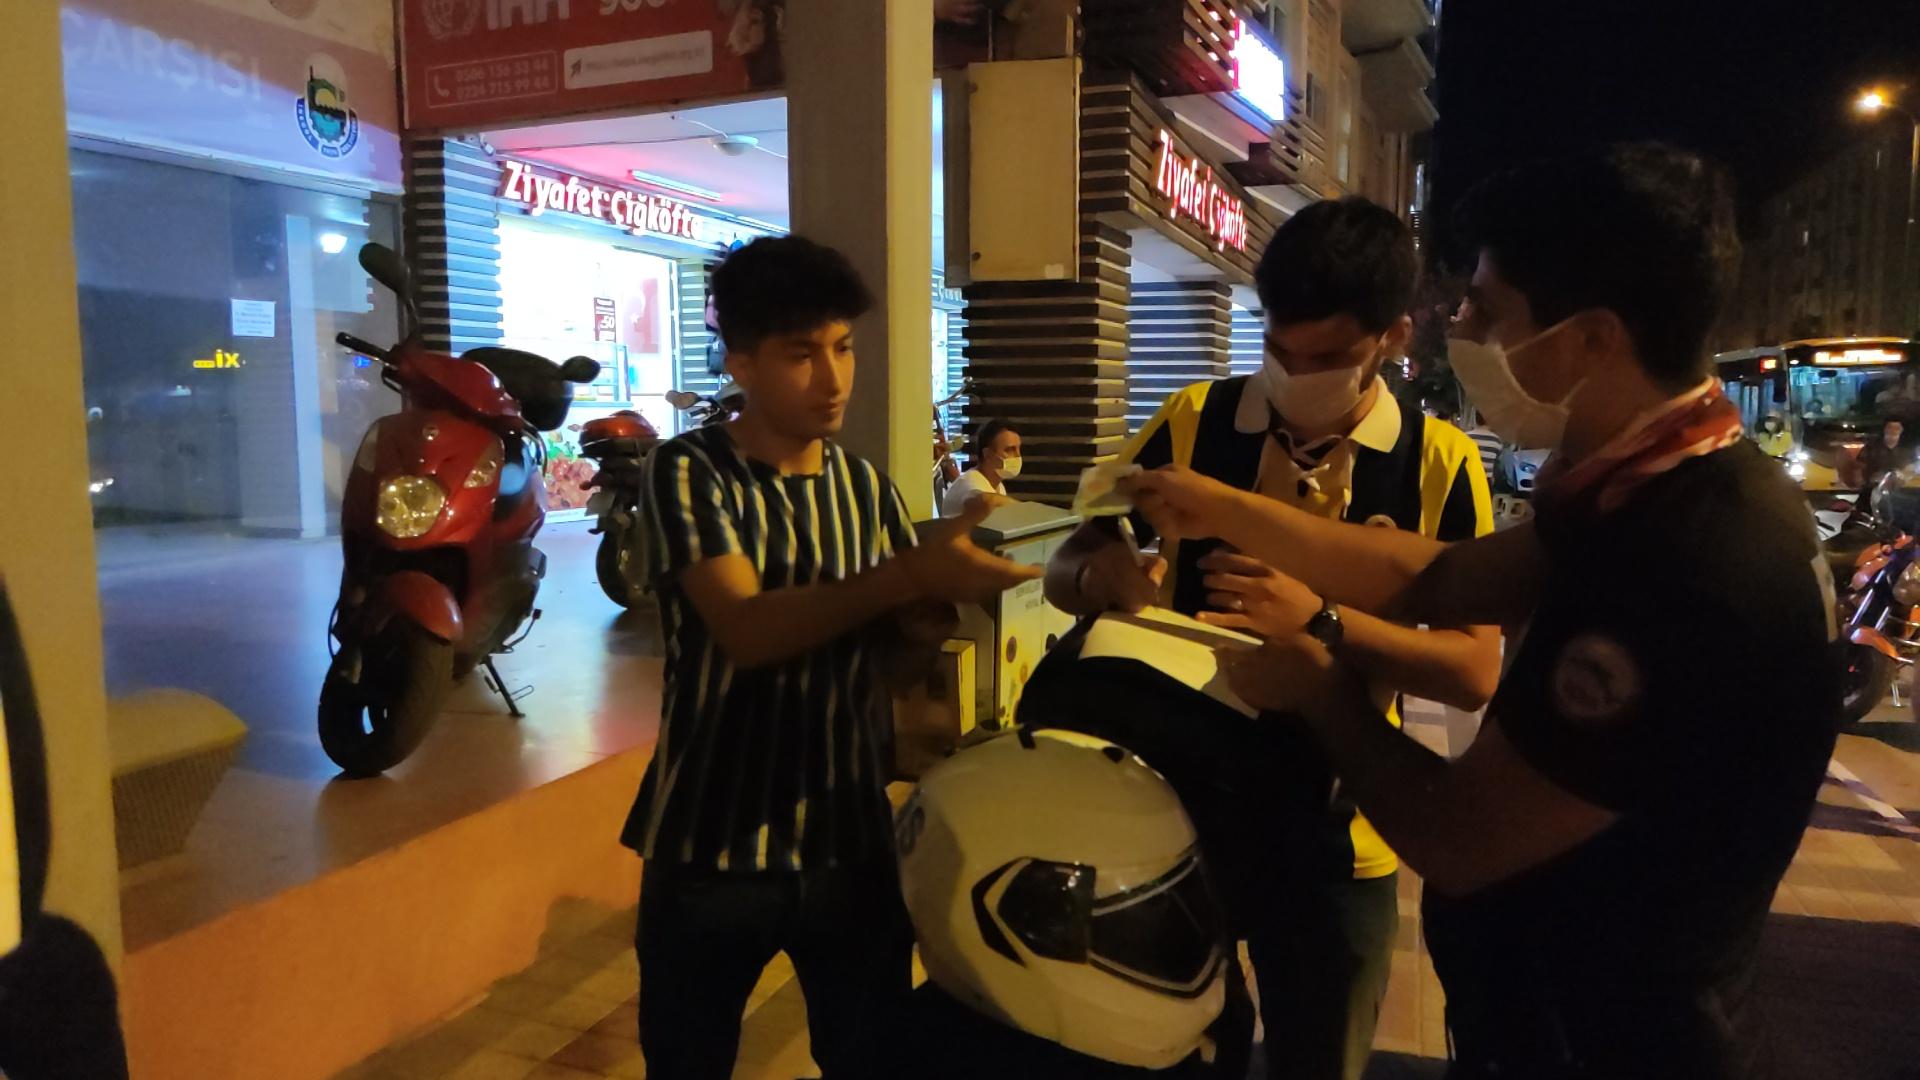 polisin-maske-sordugu-genc-maske-zorunlulugundan-haberim-yok-dedi-3095-dhaphoto2.jpg